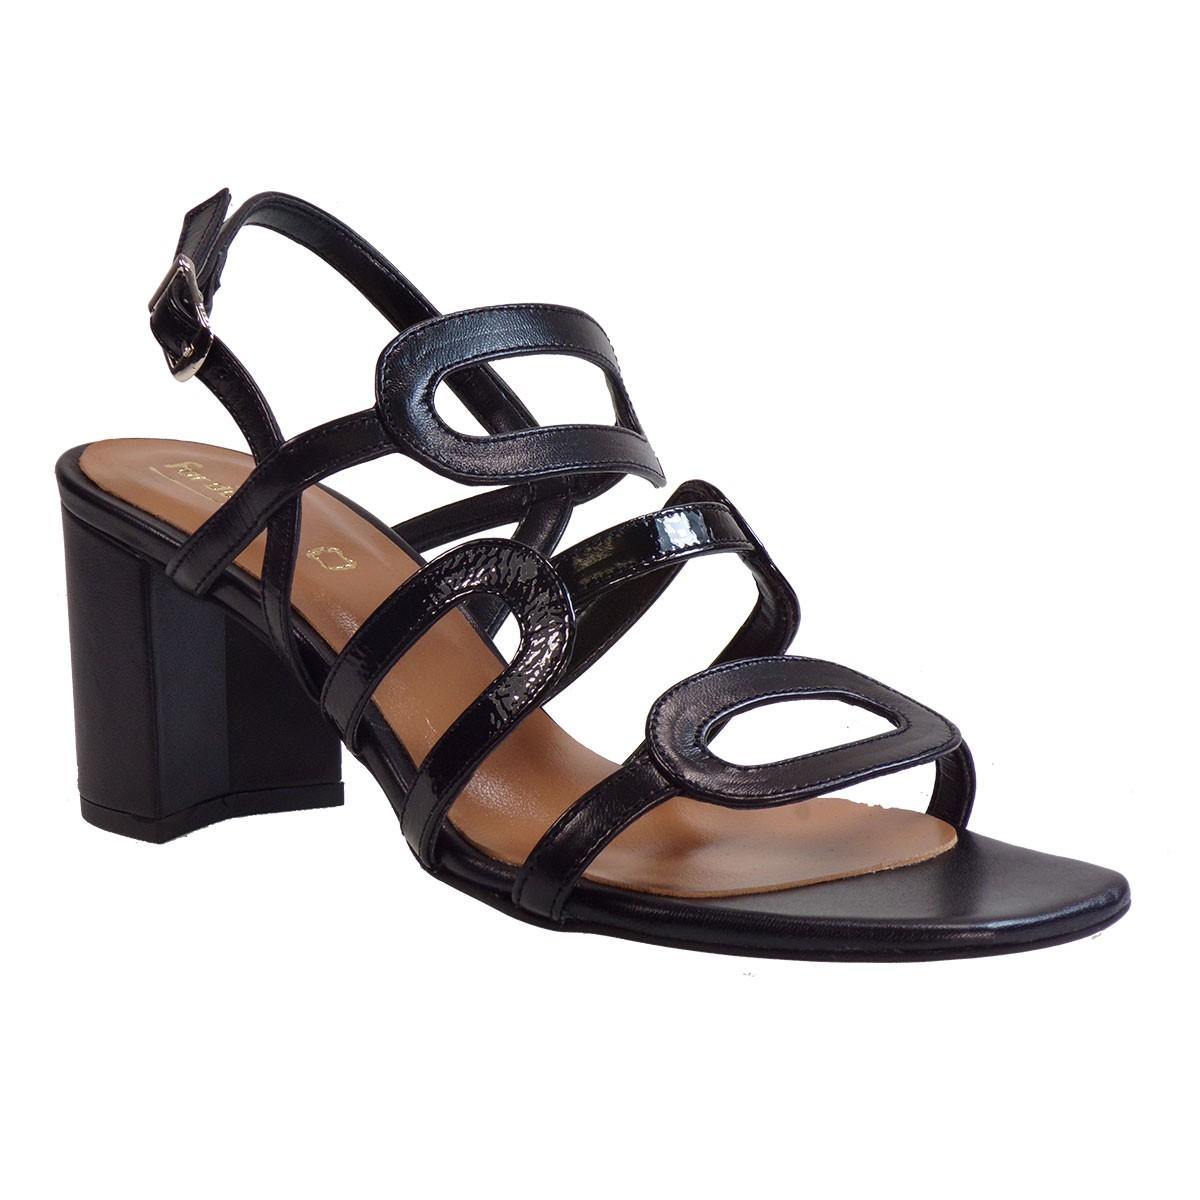 Fardoulis shoes Γυναικεία Παπούτσια Πέδιλα 51226 Μαύρο Δέρμα